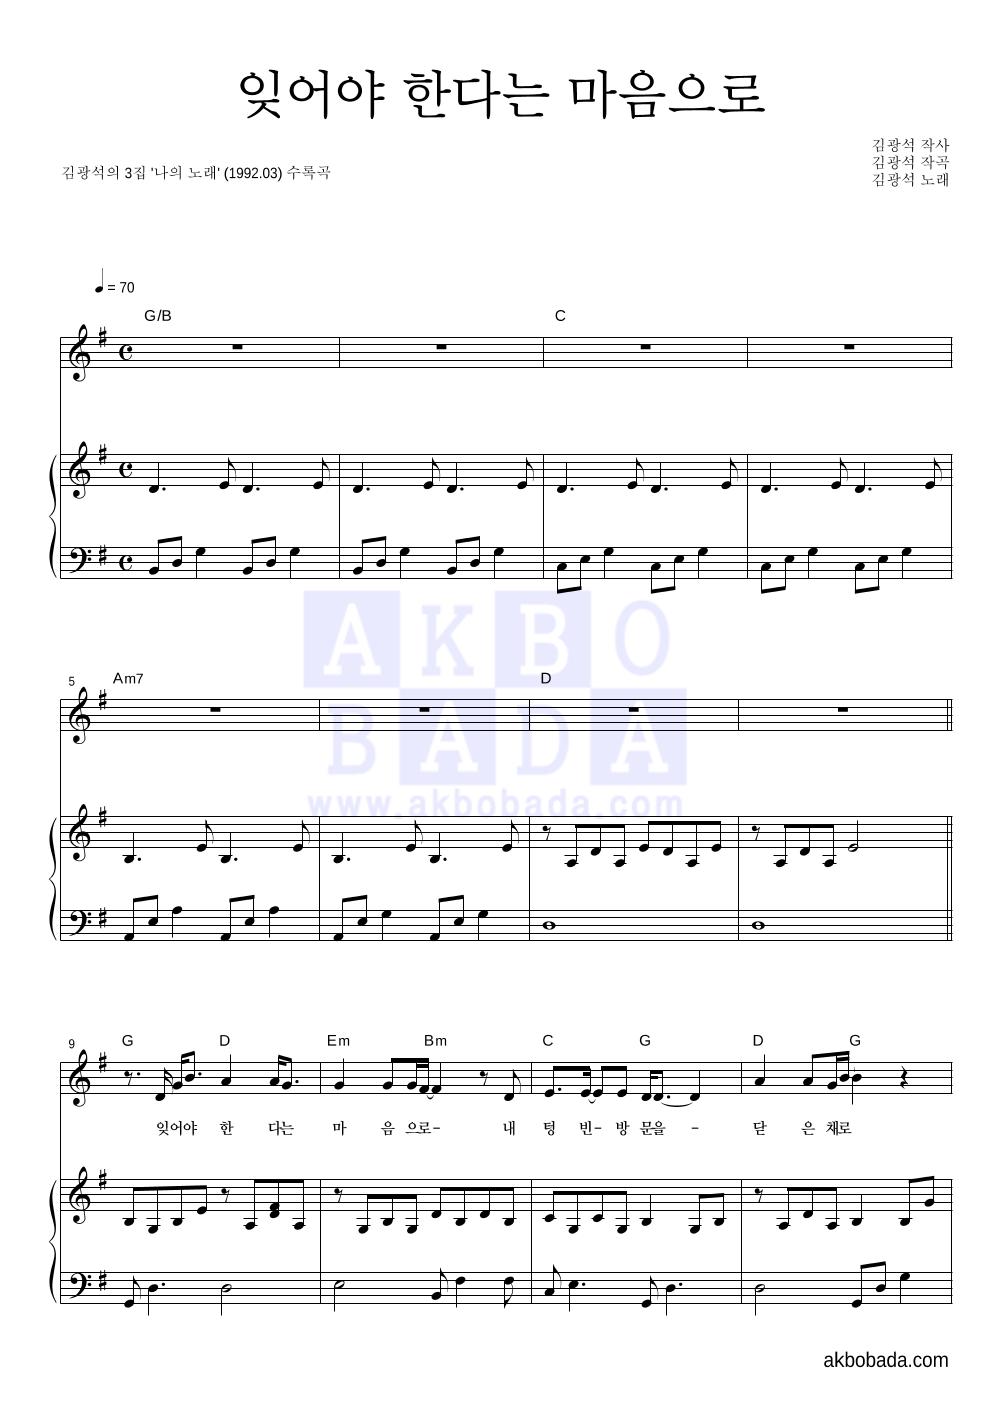 김광석 - 잊어야 한다는 마음으로 피아노 3단 악보